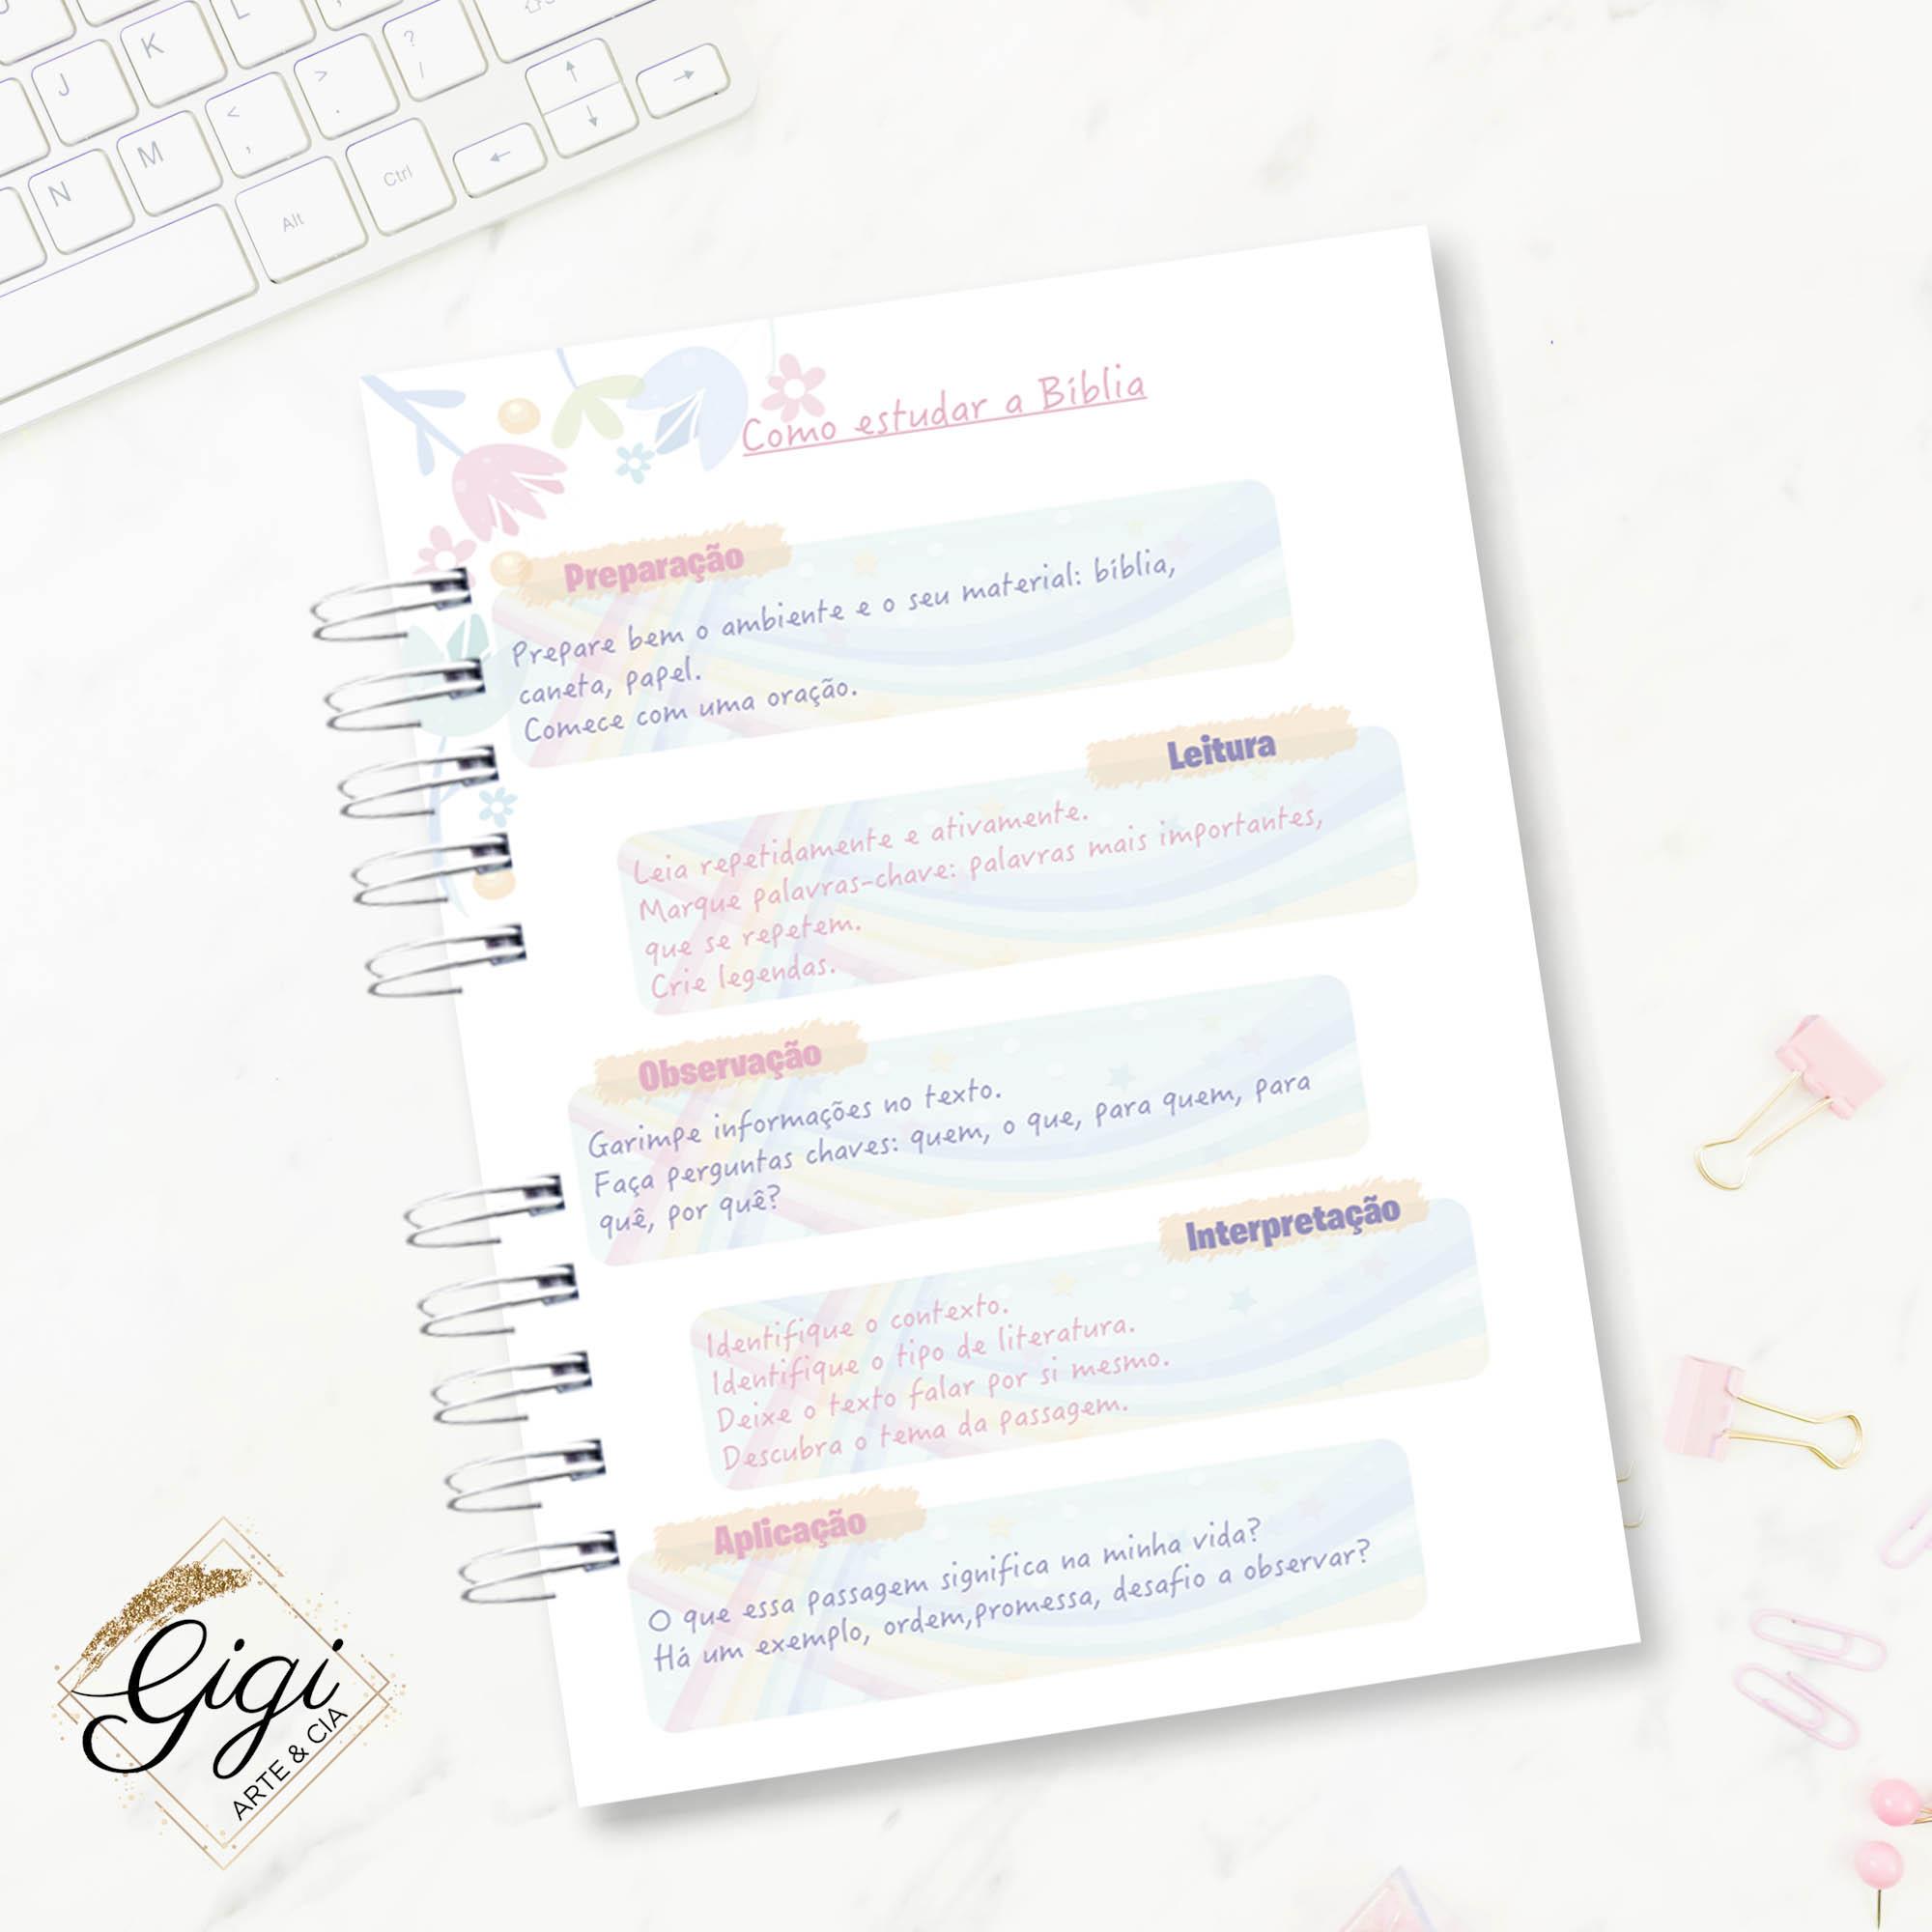 Caderno Devocional - Renascer  - Gigi Arte e Cia